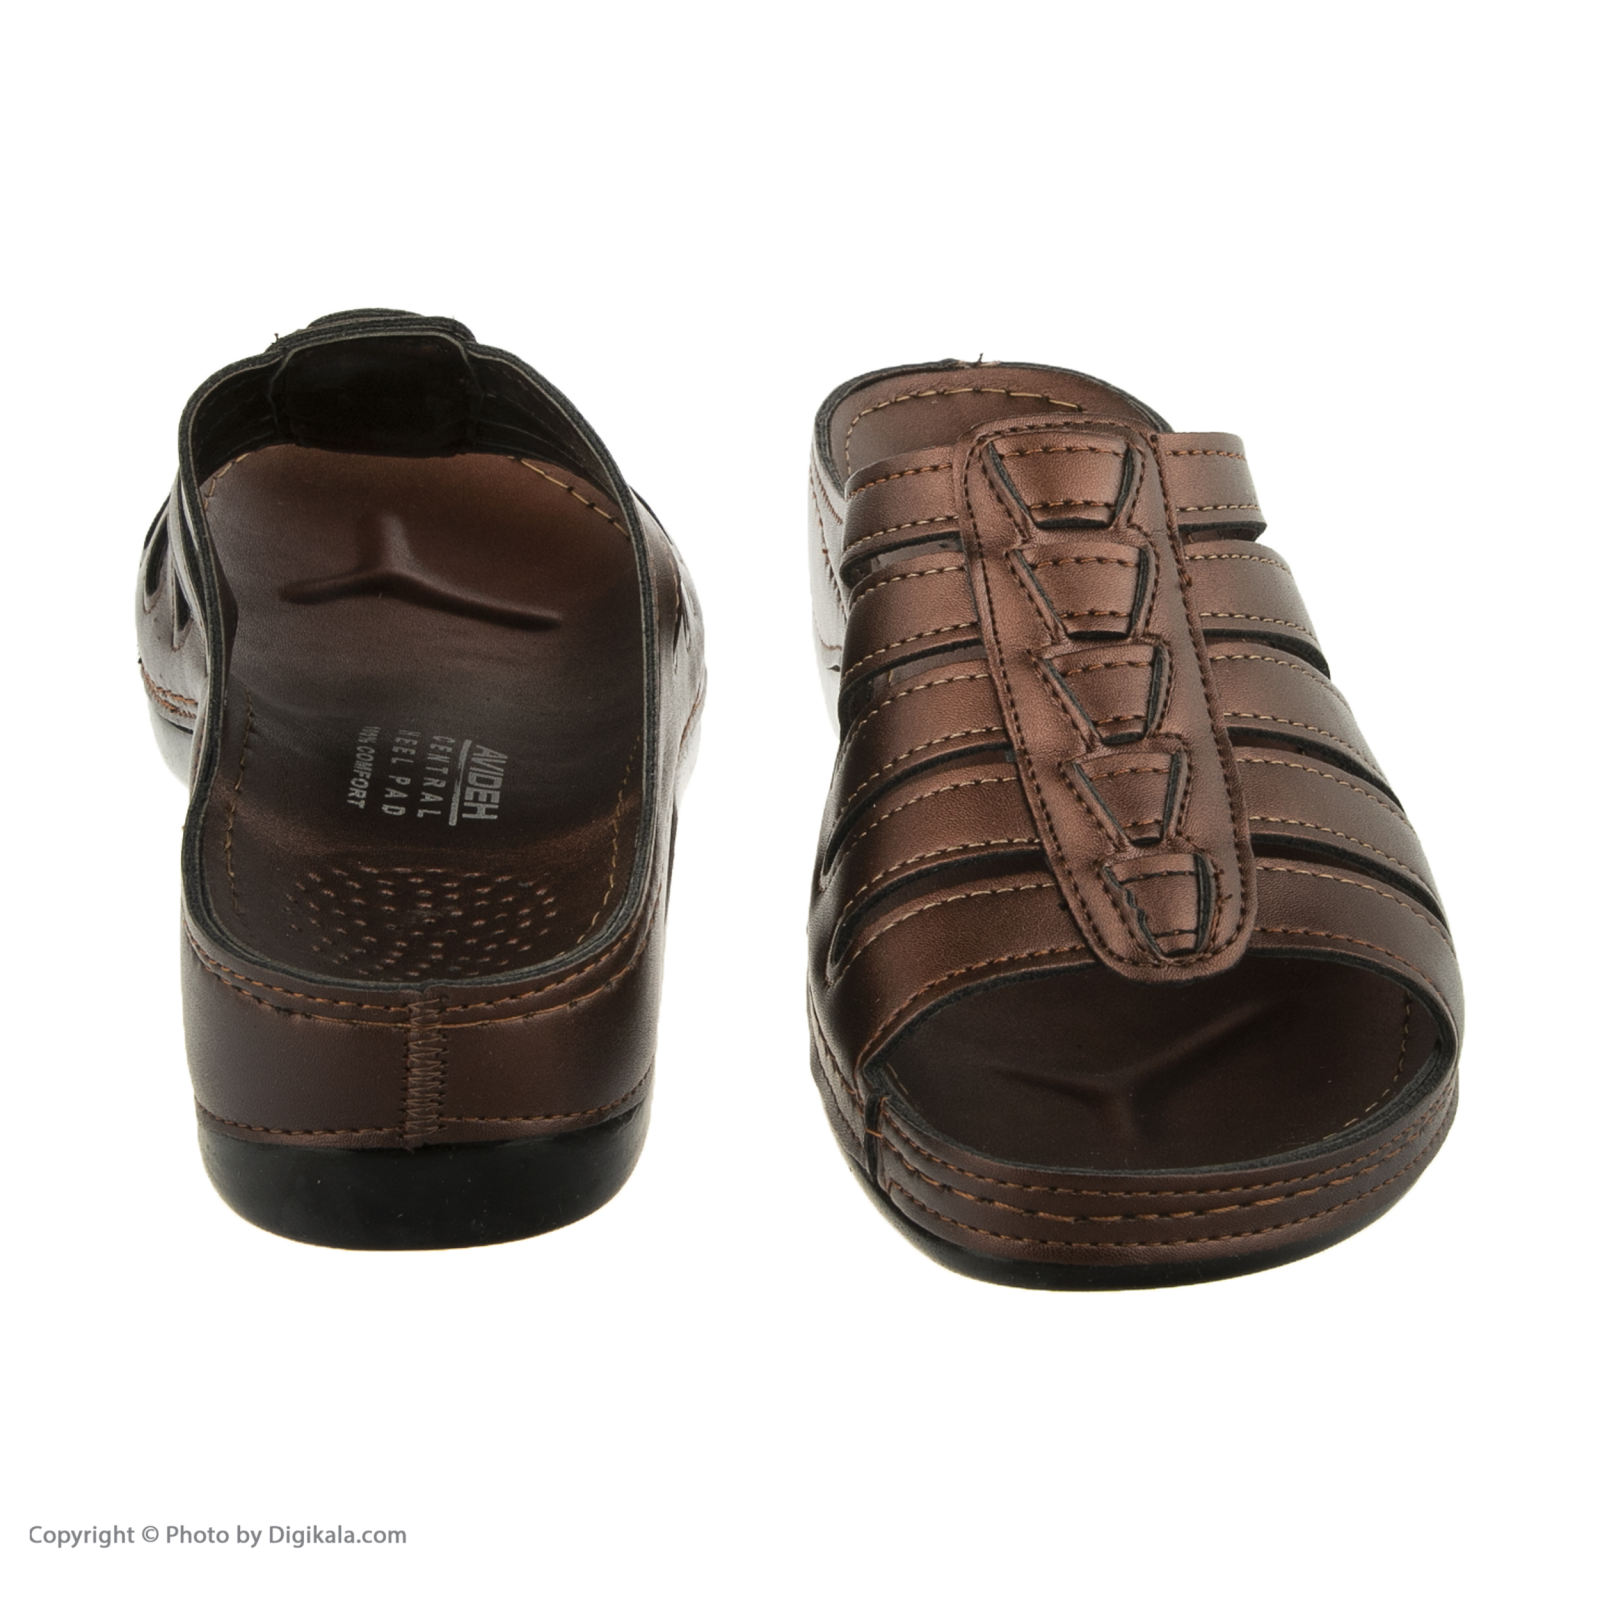 دمپایی زنانه کفش آویده کد av-0304212 رنگ مسی -  - 8